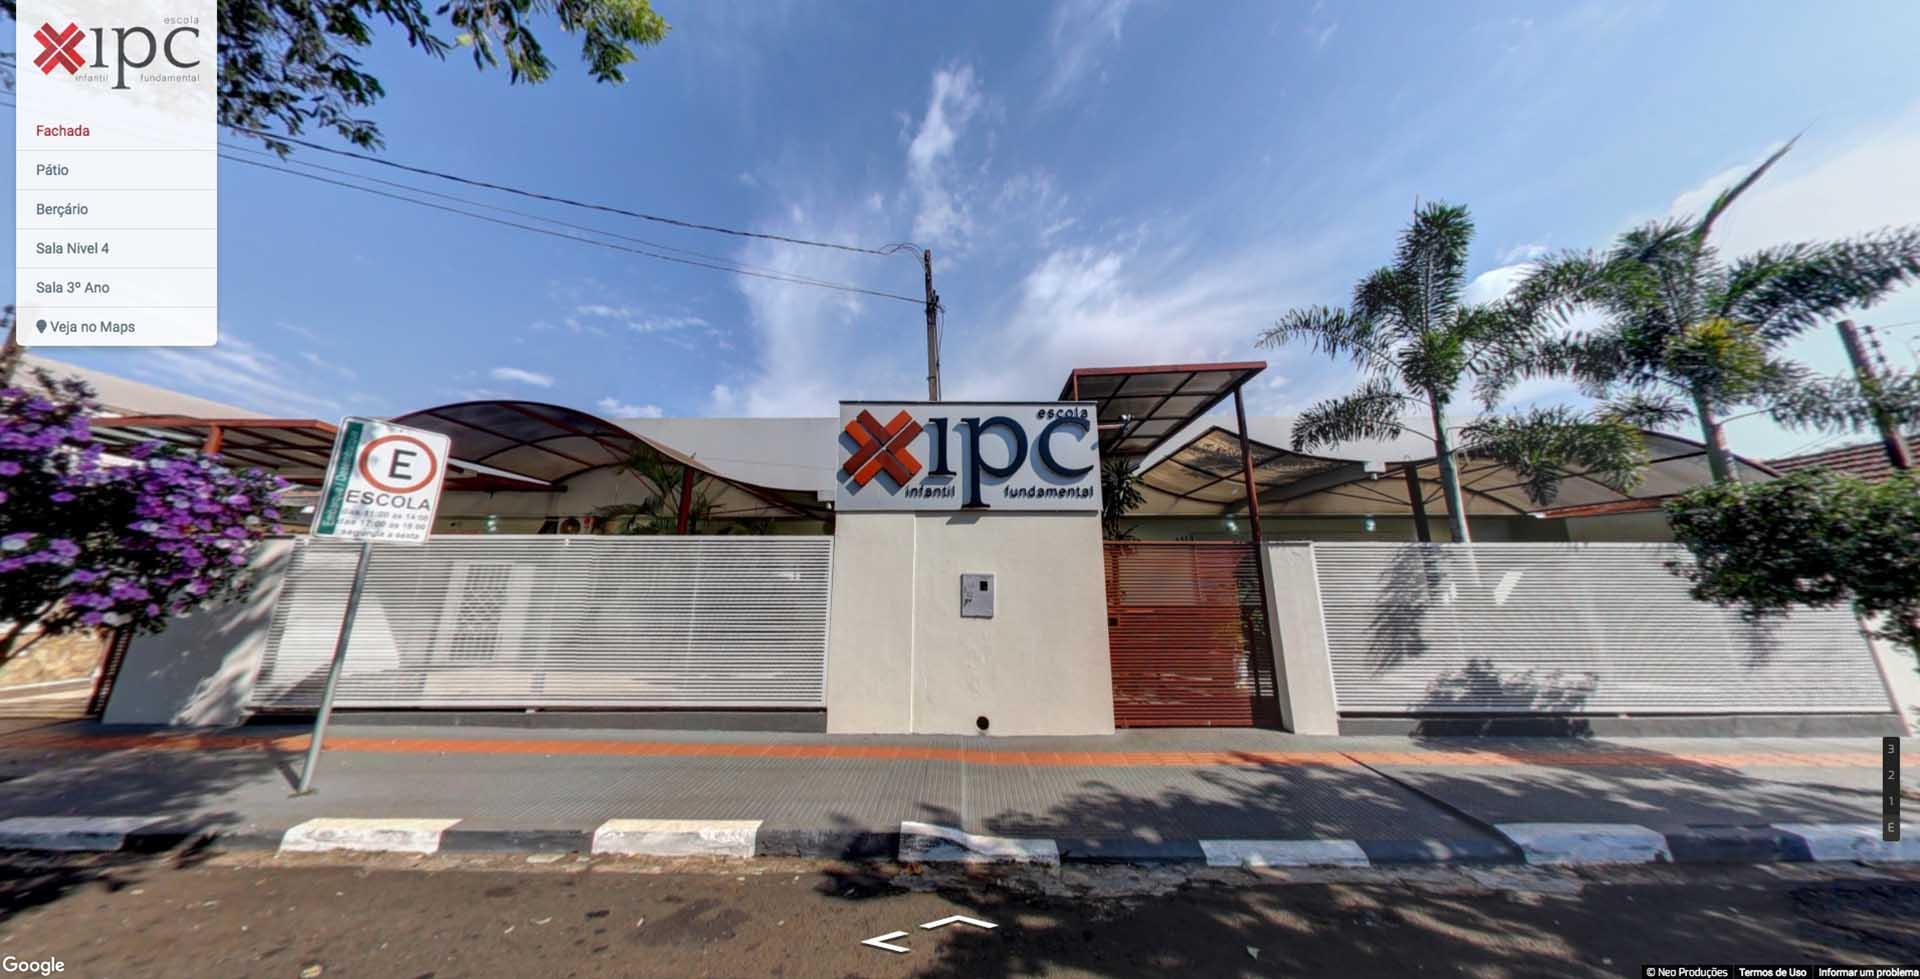 Escola IPC